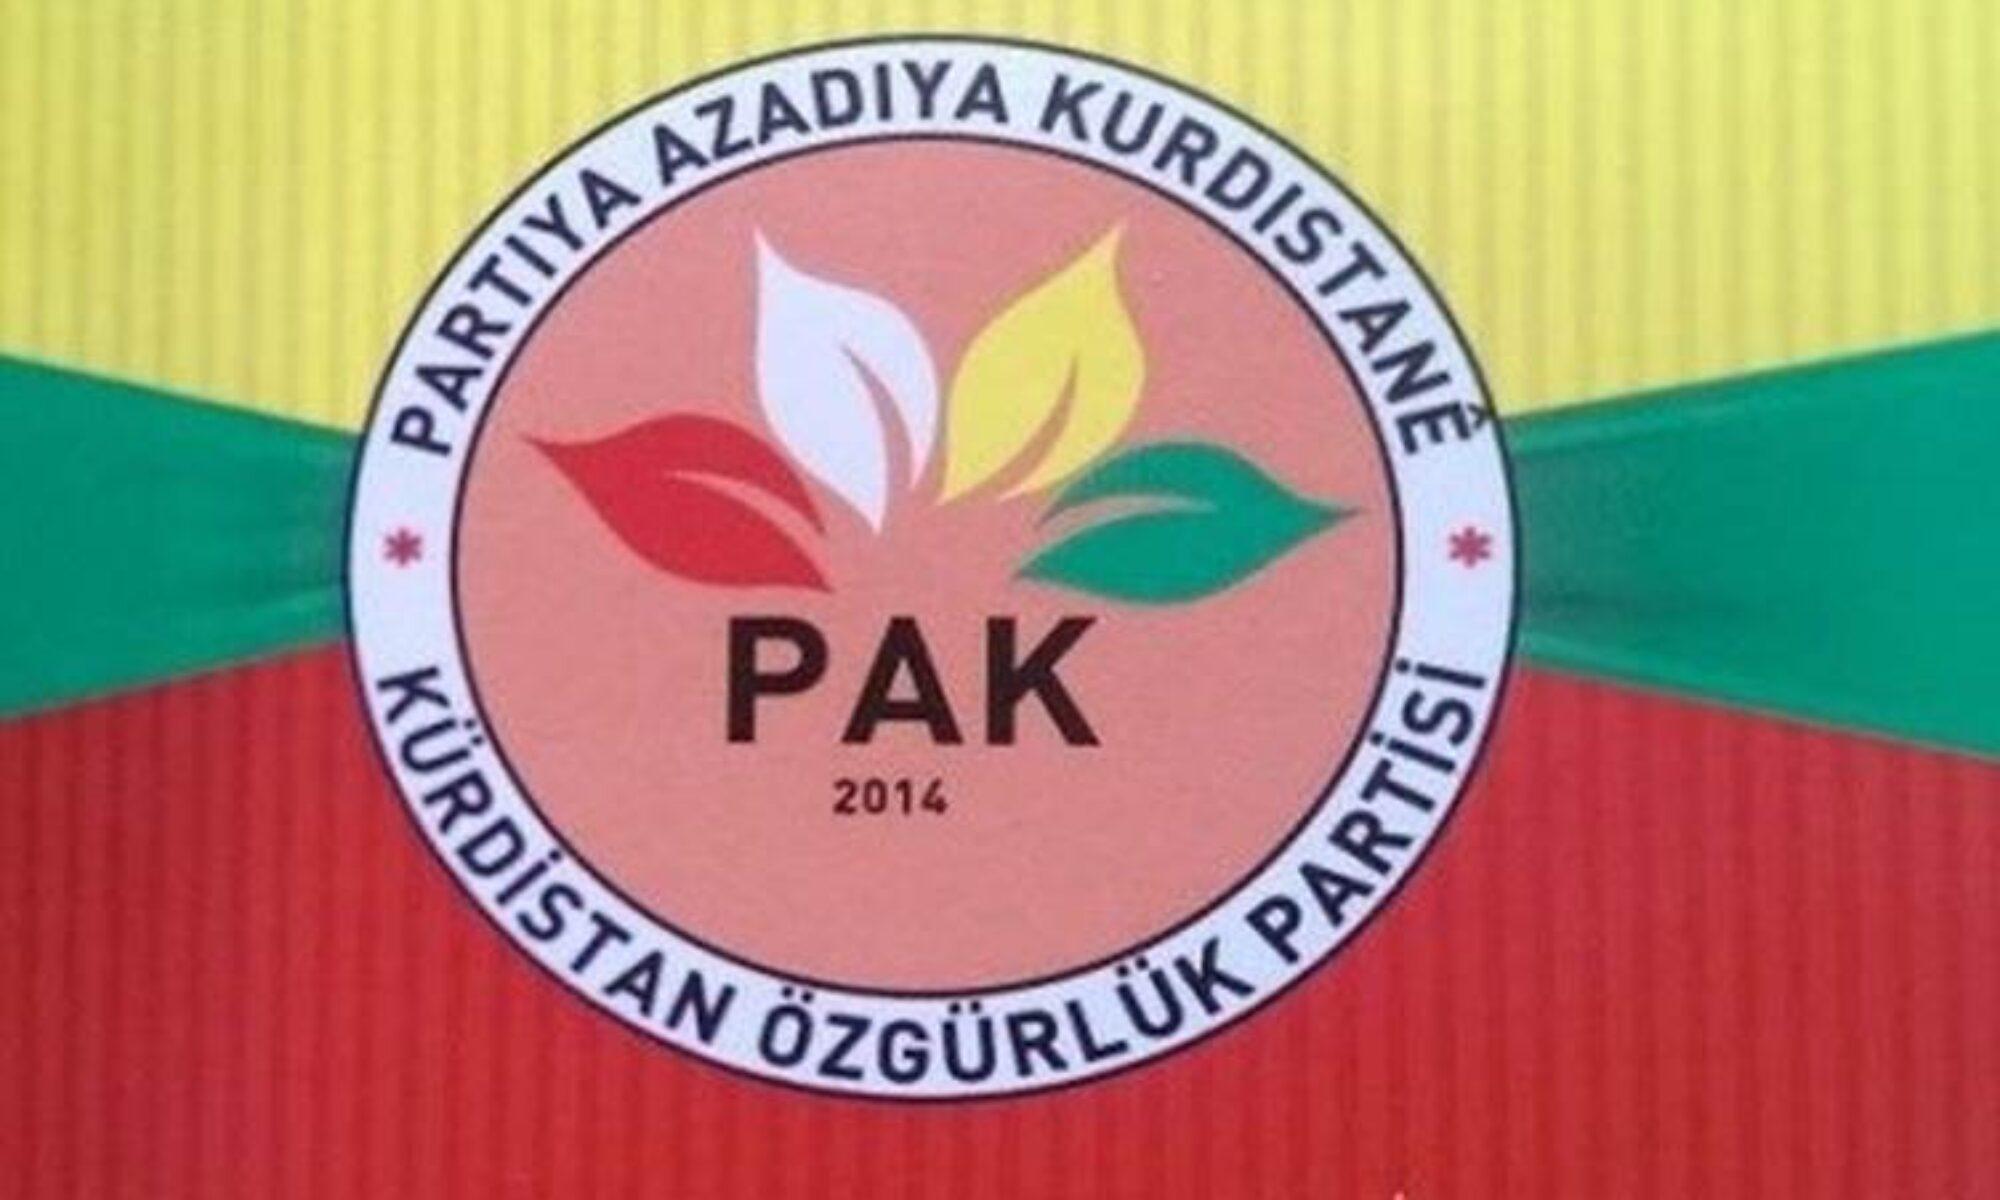 PAK: Gergerlioğlu'nun milletvekilliğinin düşürülmesi Kürt karşıtı anlayış ve siyasetin eseridir